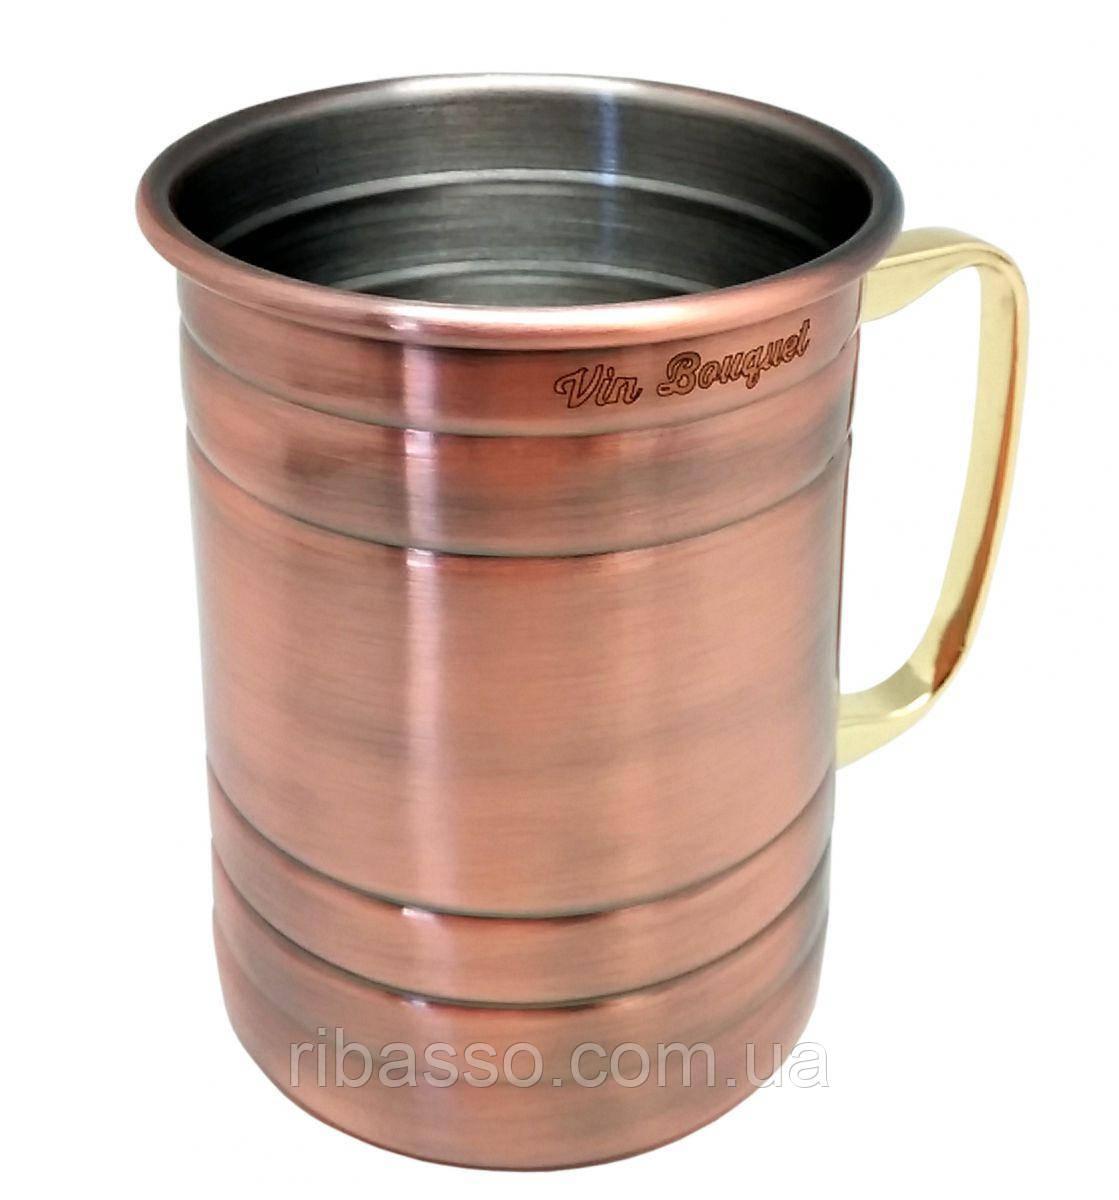 Vin Bouquet Чашка для коктейлей